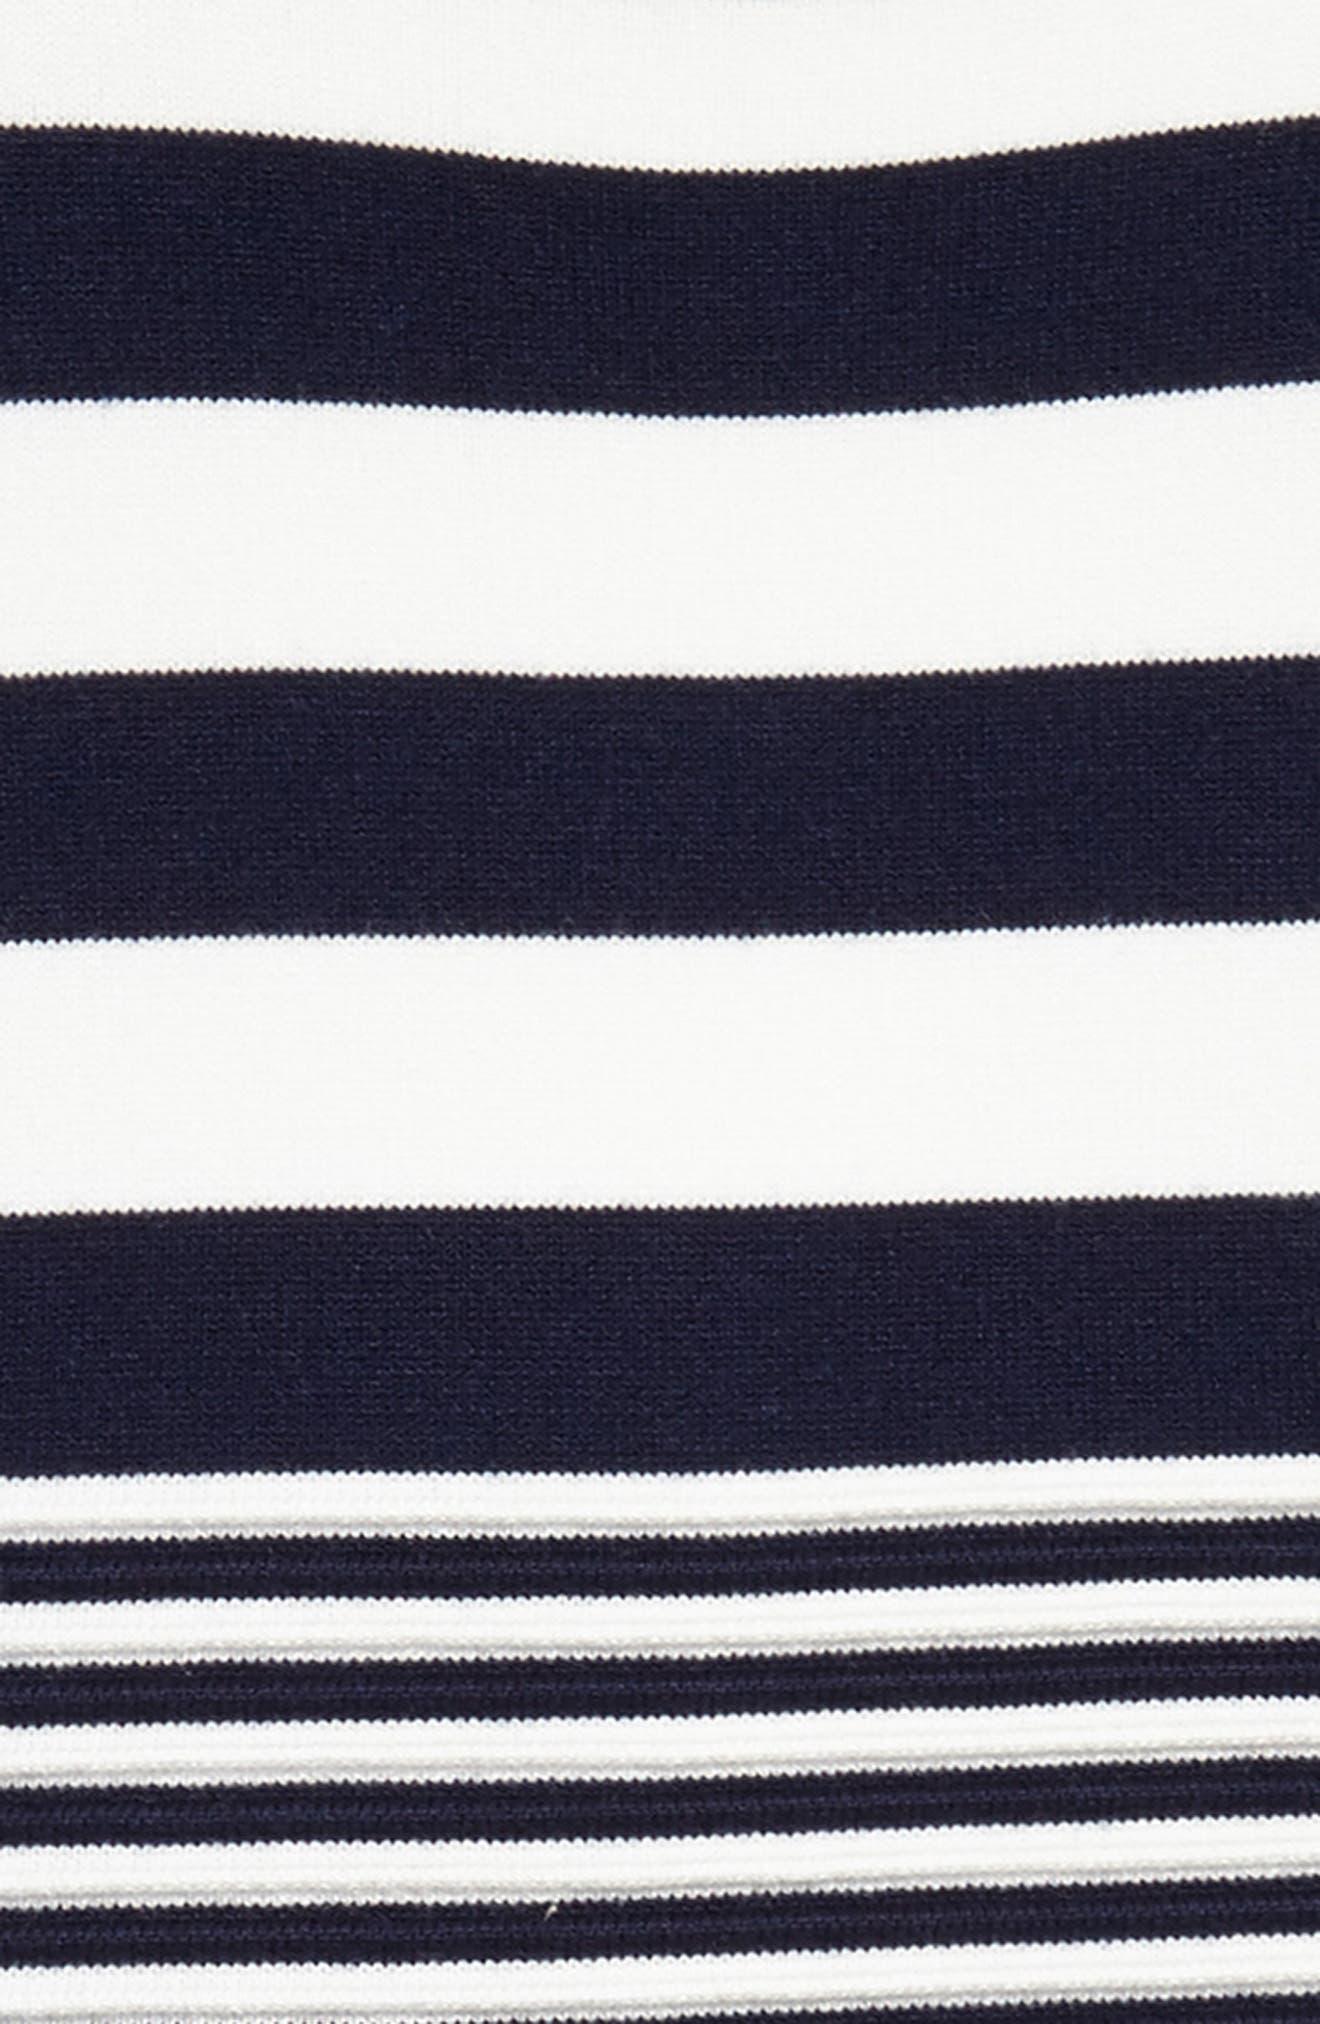 Stripe Sleeveless Dress,                             Alternate thumbnail 3, color,                             White/ Navy